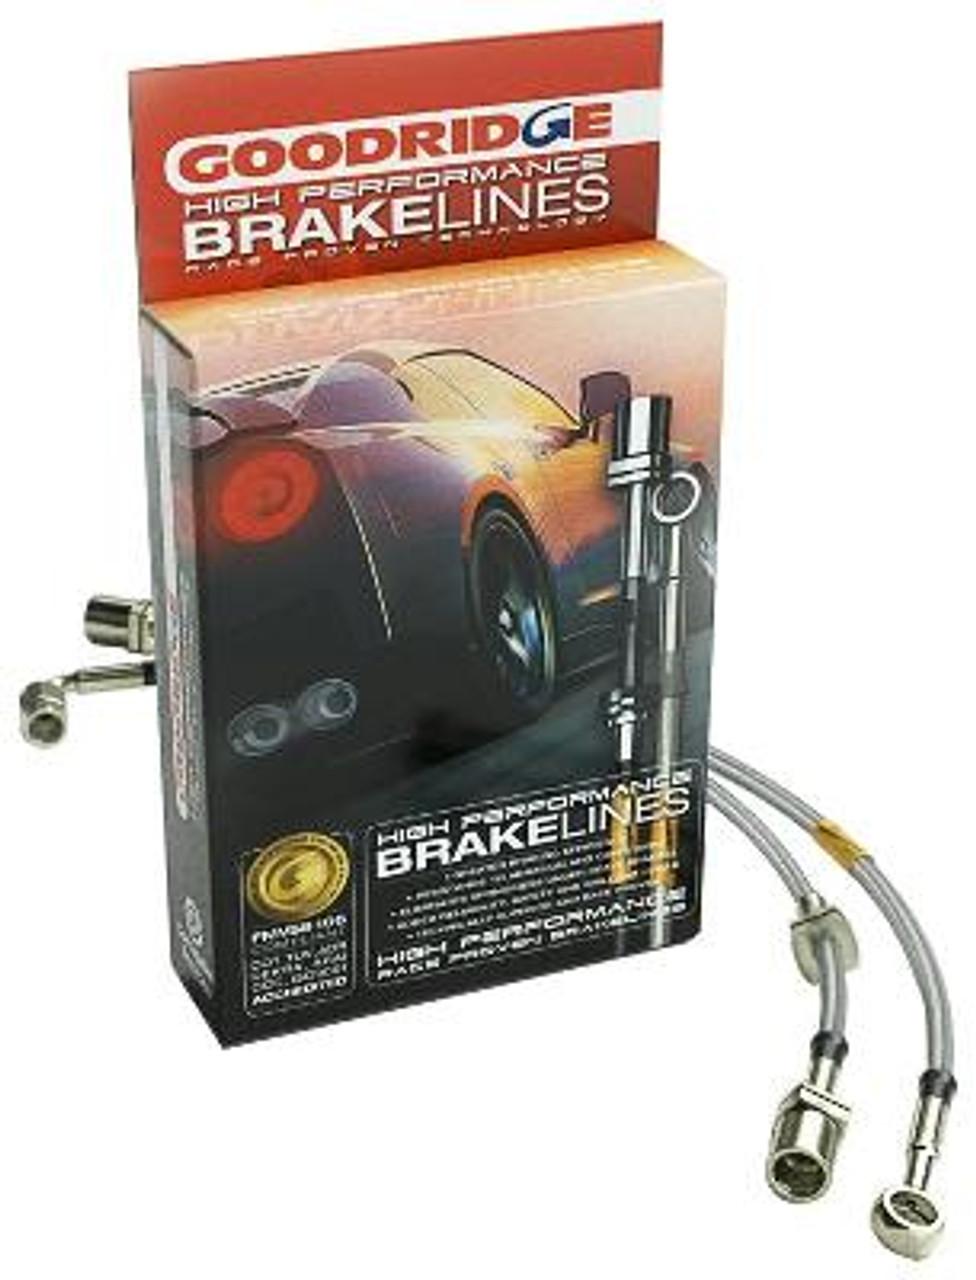 HEL STAINLESS STEEL BRAIDED BRAKE LINES HOSES 300ZX 3.0 1989-2000 Y2596